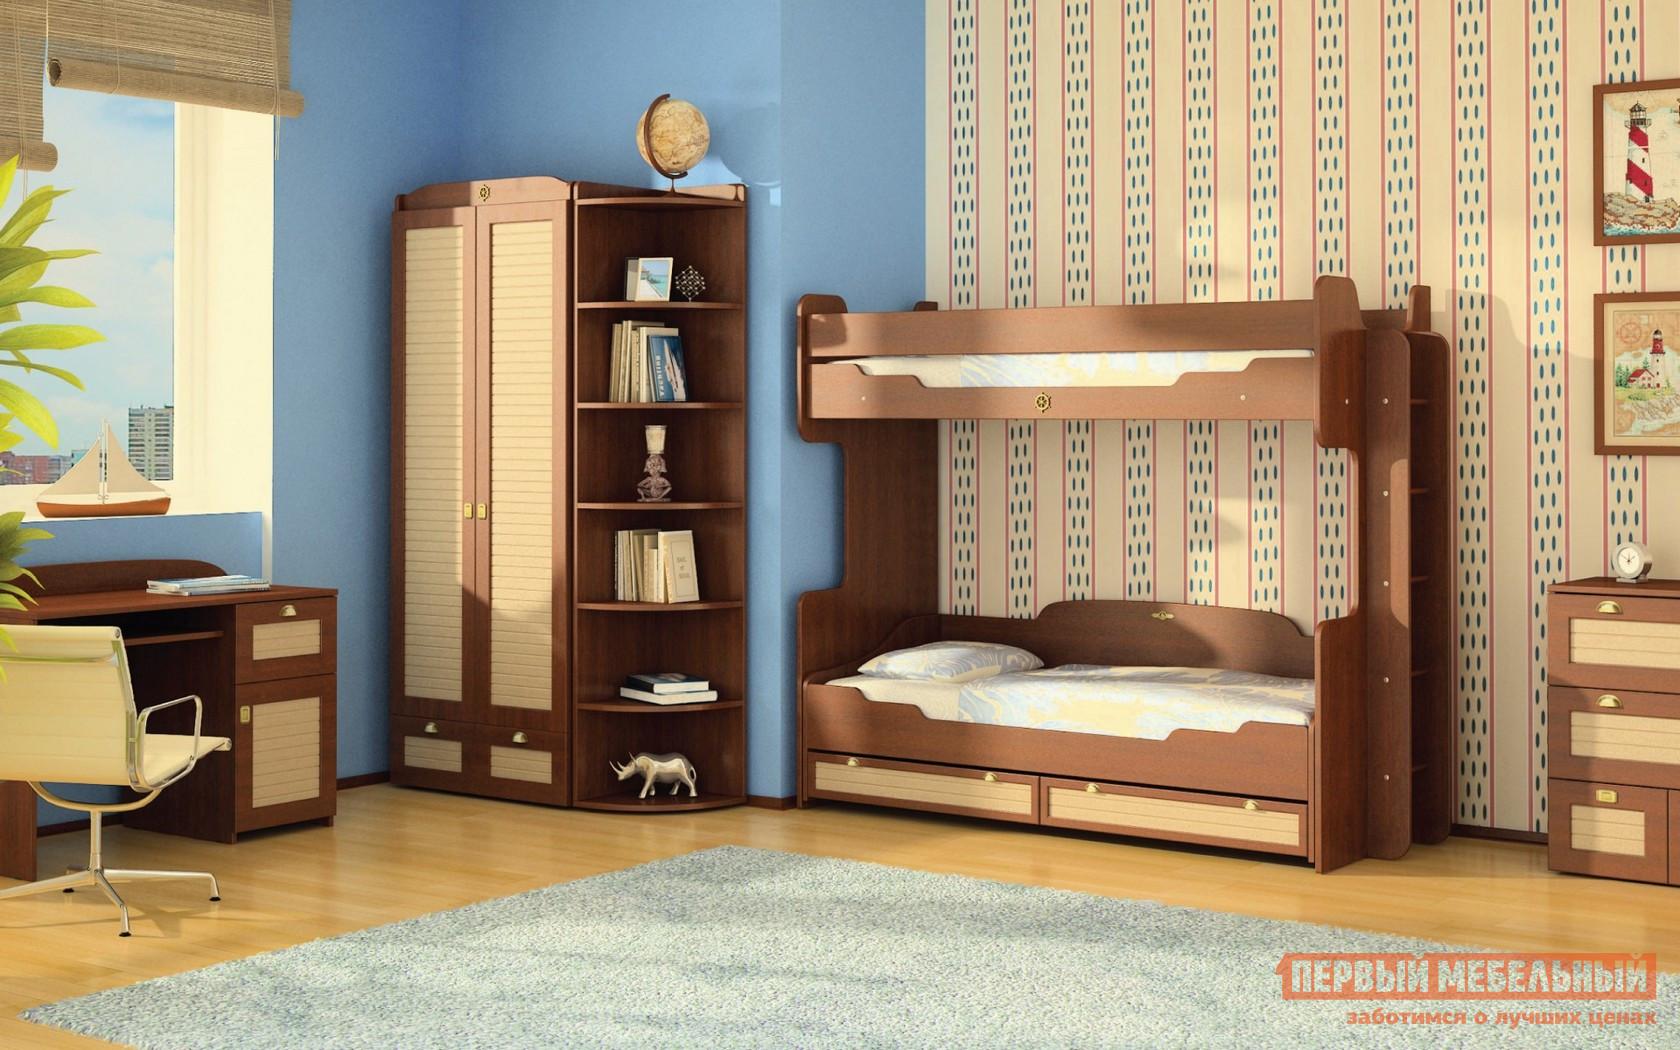 Комплект детской мебели ТД Арника Робинзон К1 комплект детской мебели трия прованс к1